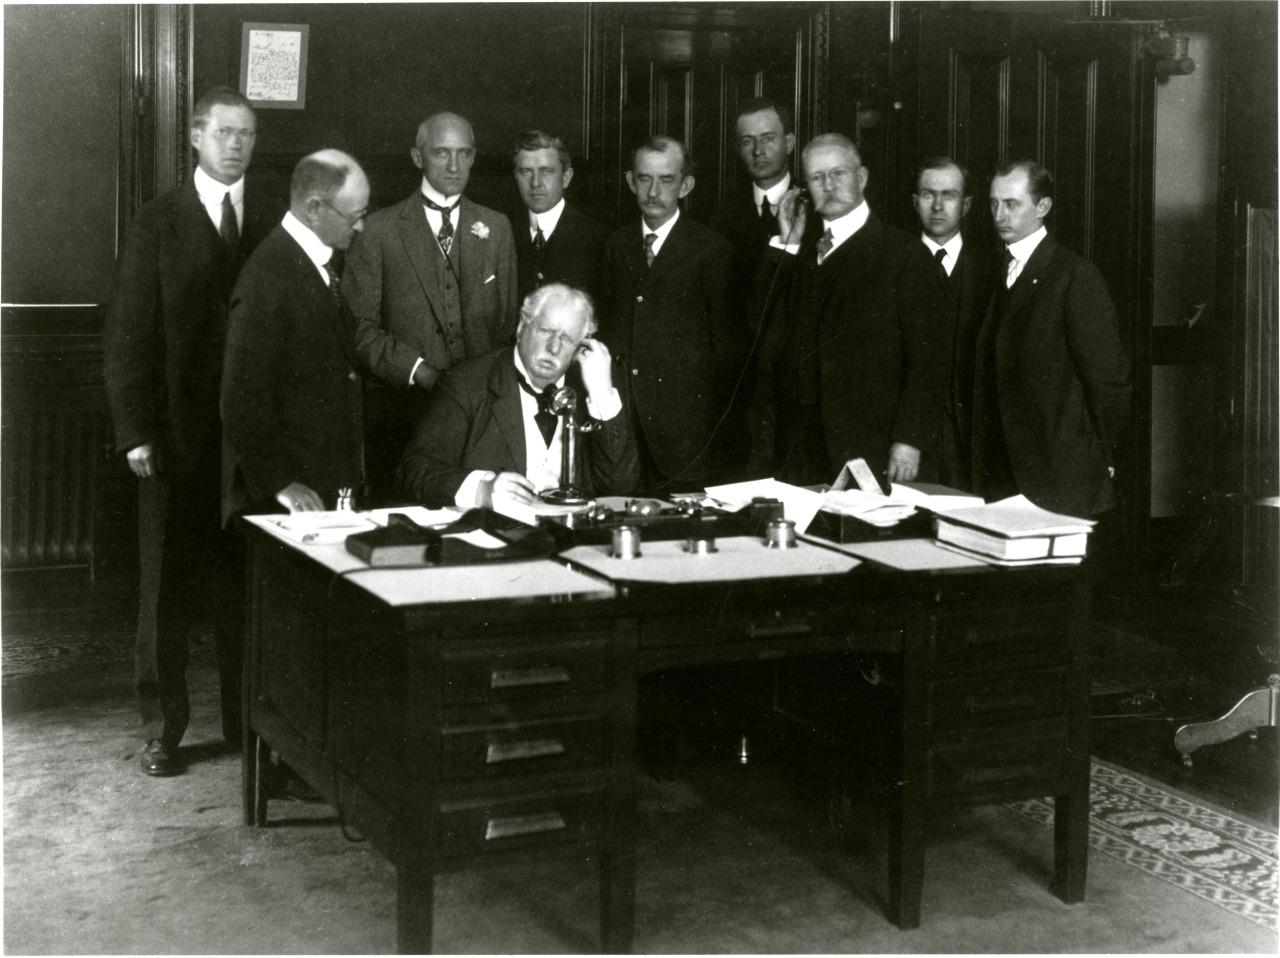 Президент AT&T, Теодор Н. Вейл проводит первый тест трансконтинентальной телефонной линии. 1914